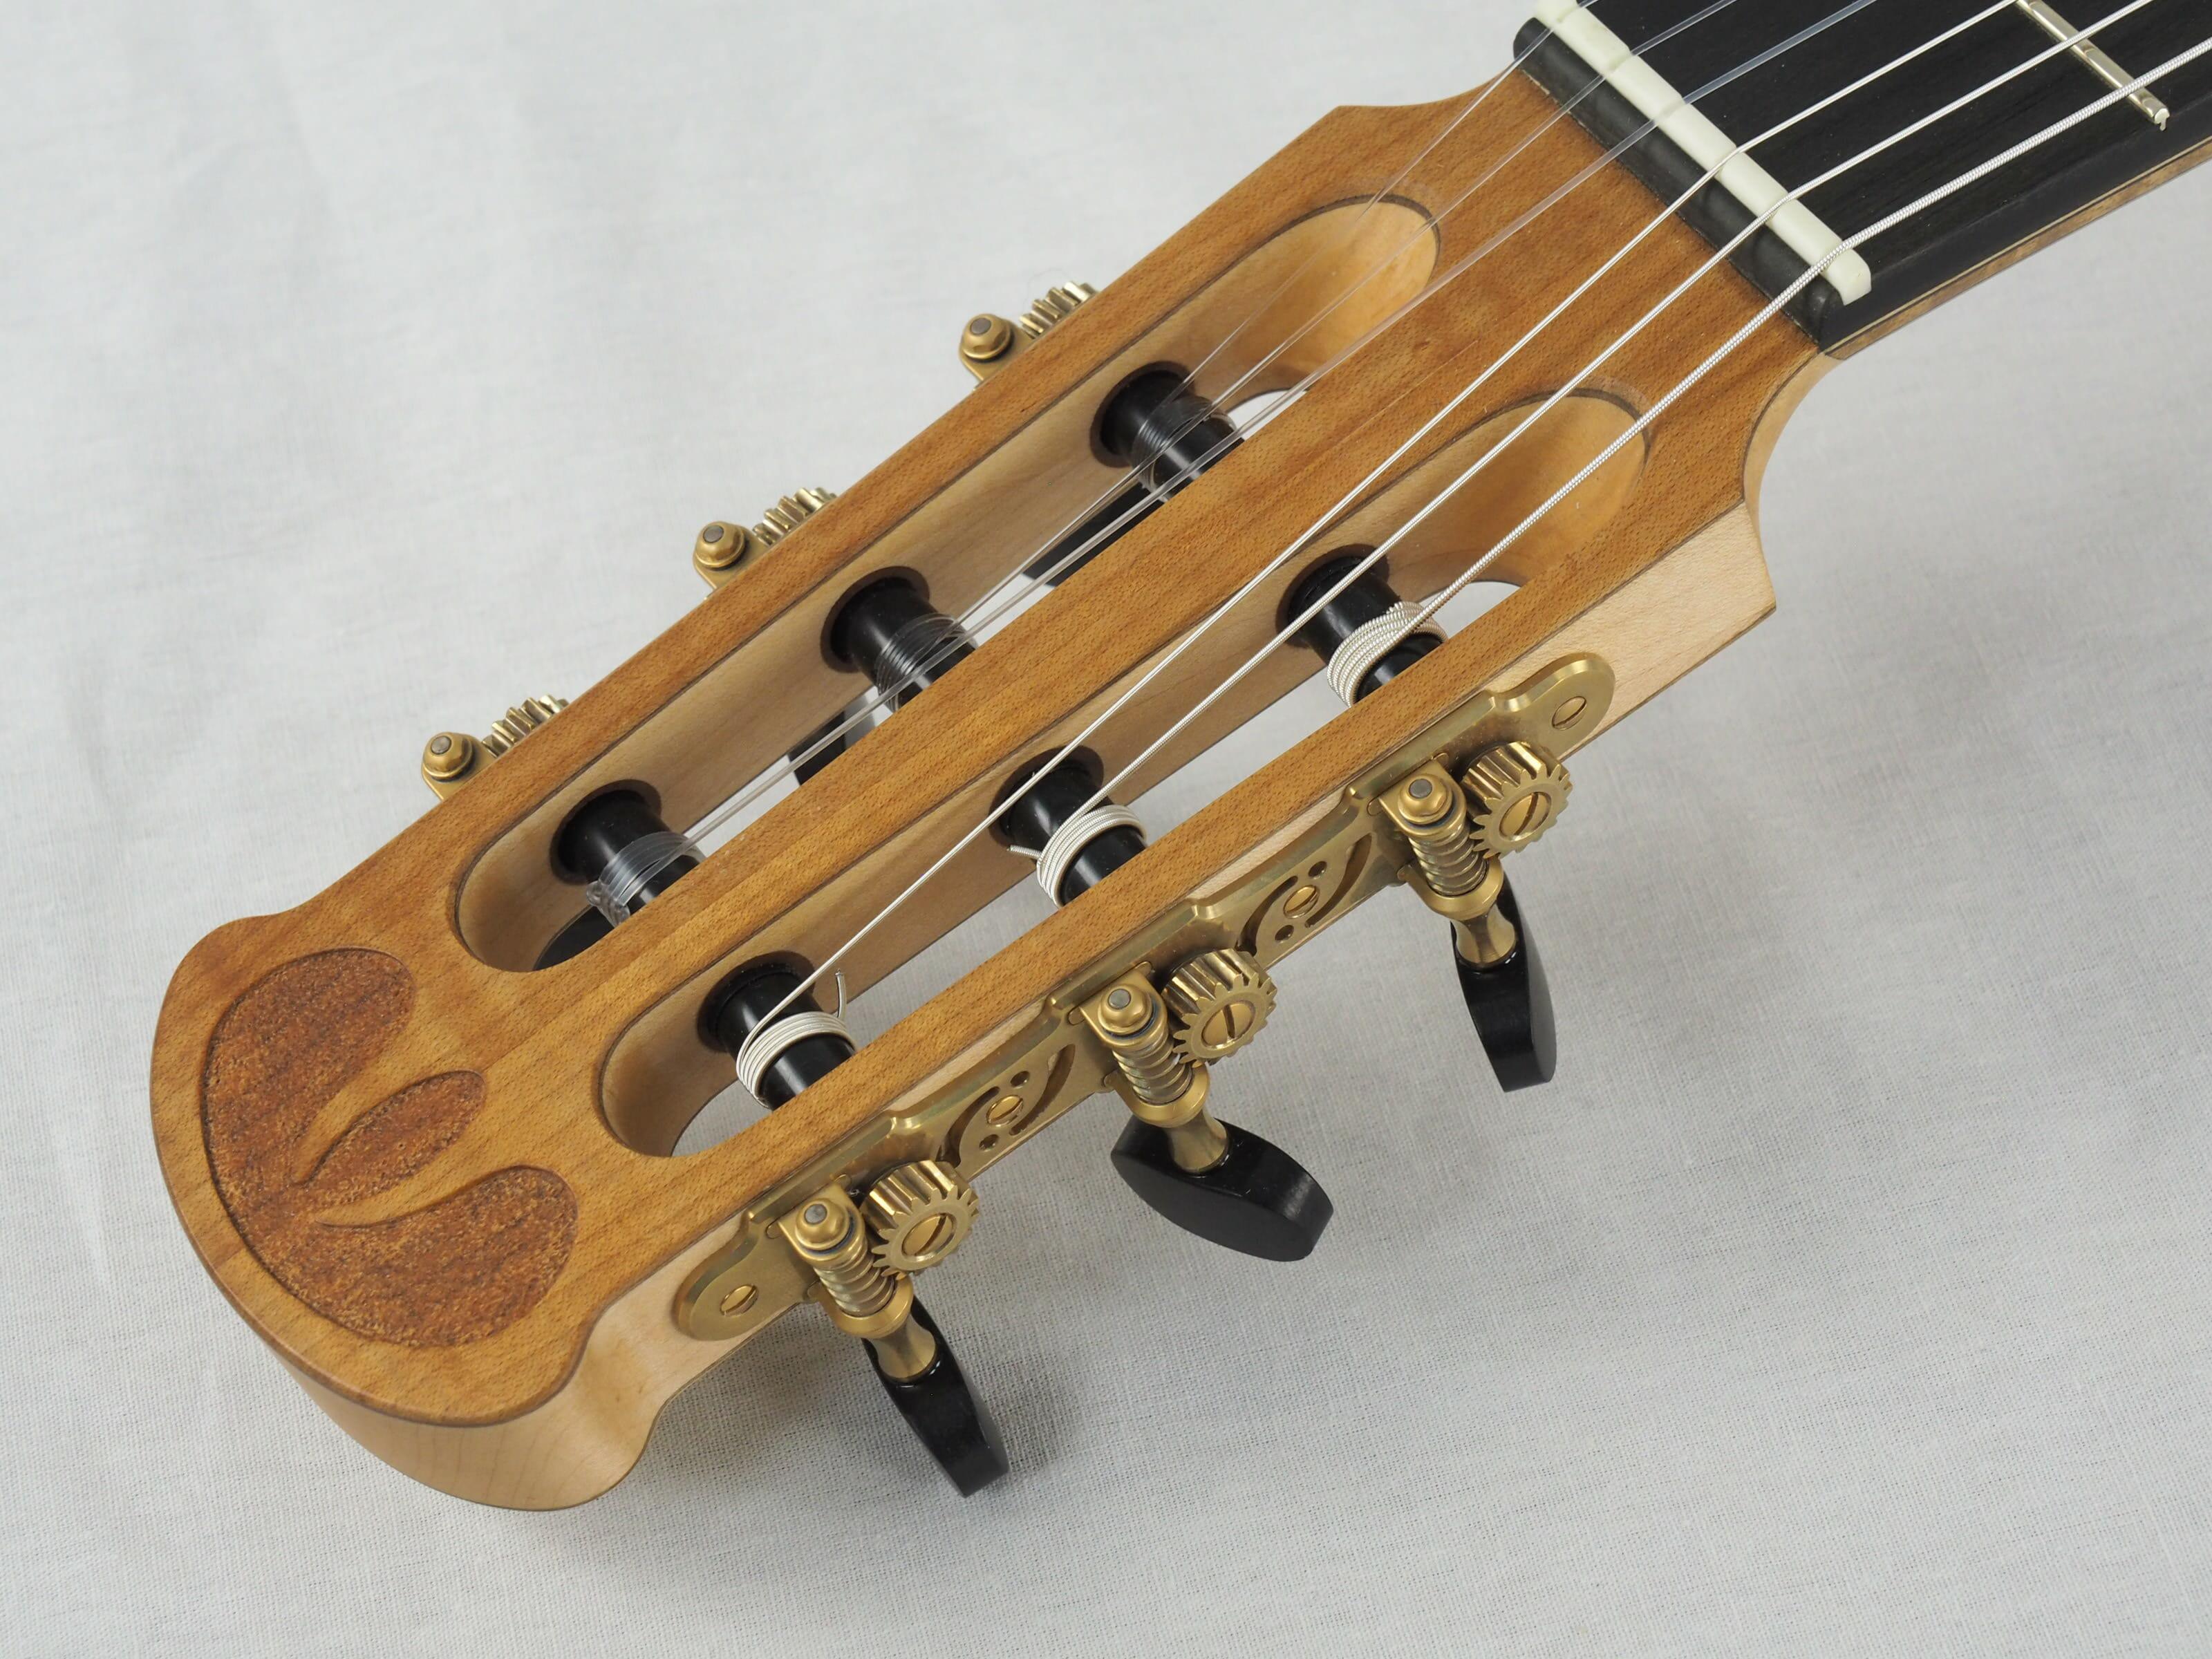 Dieter Hopf Luthier guitare classique Auditorium No 19HP070-01